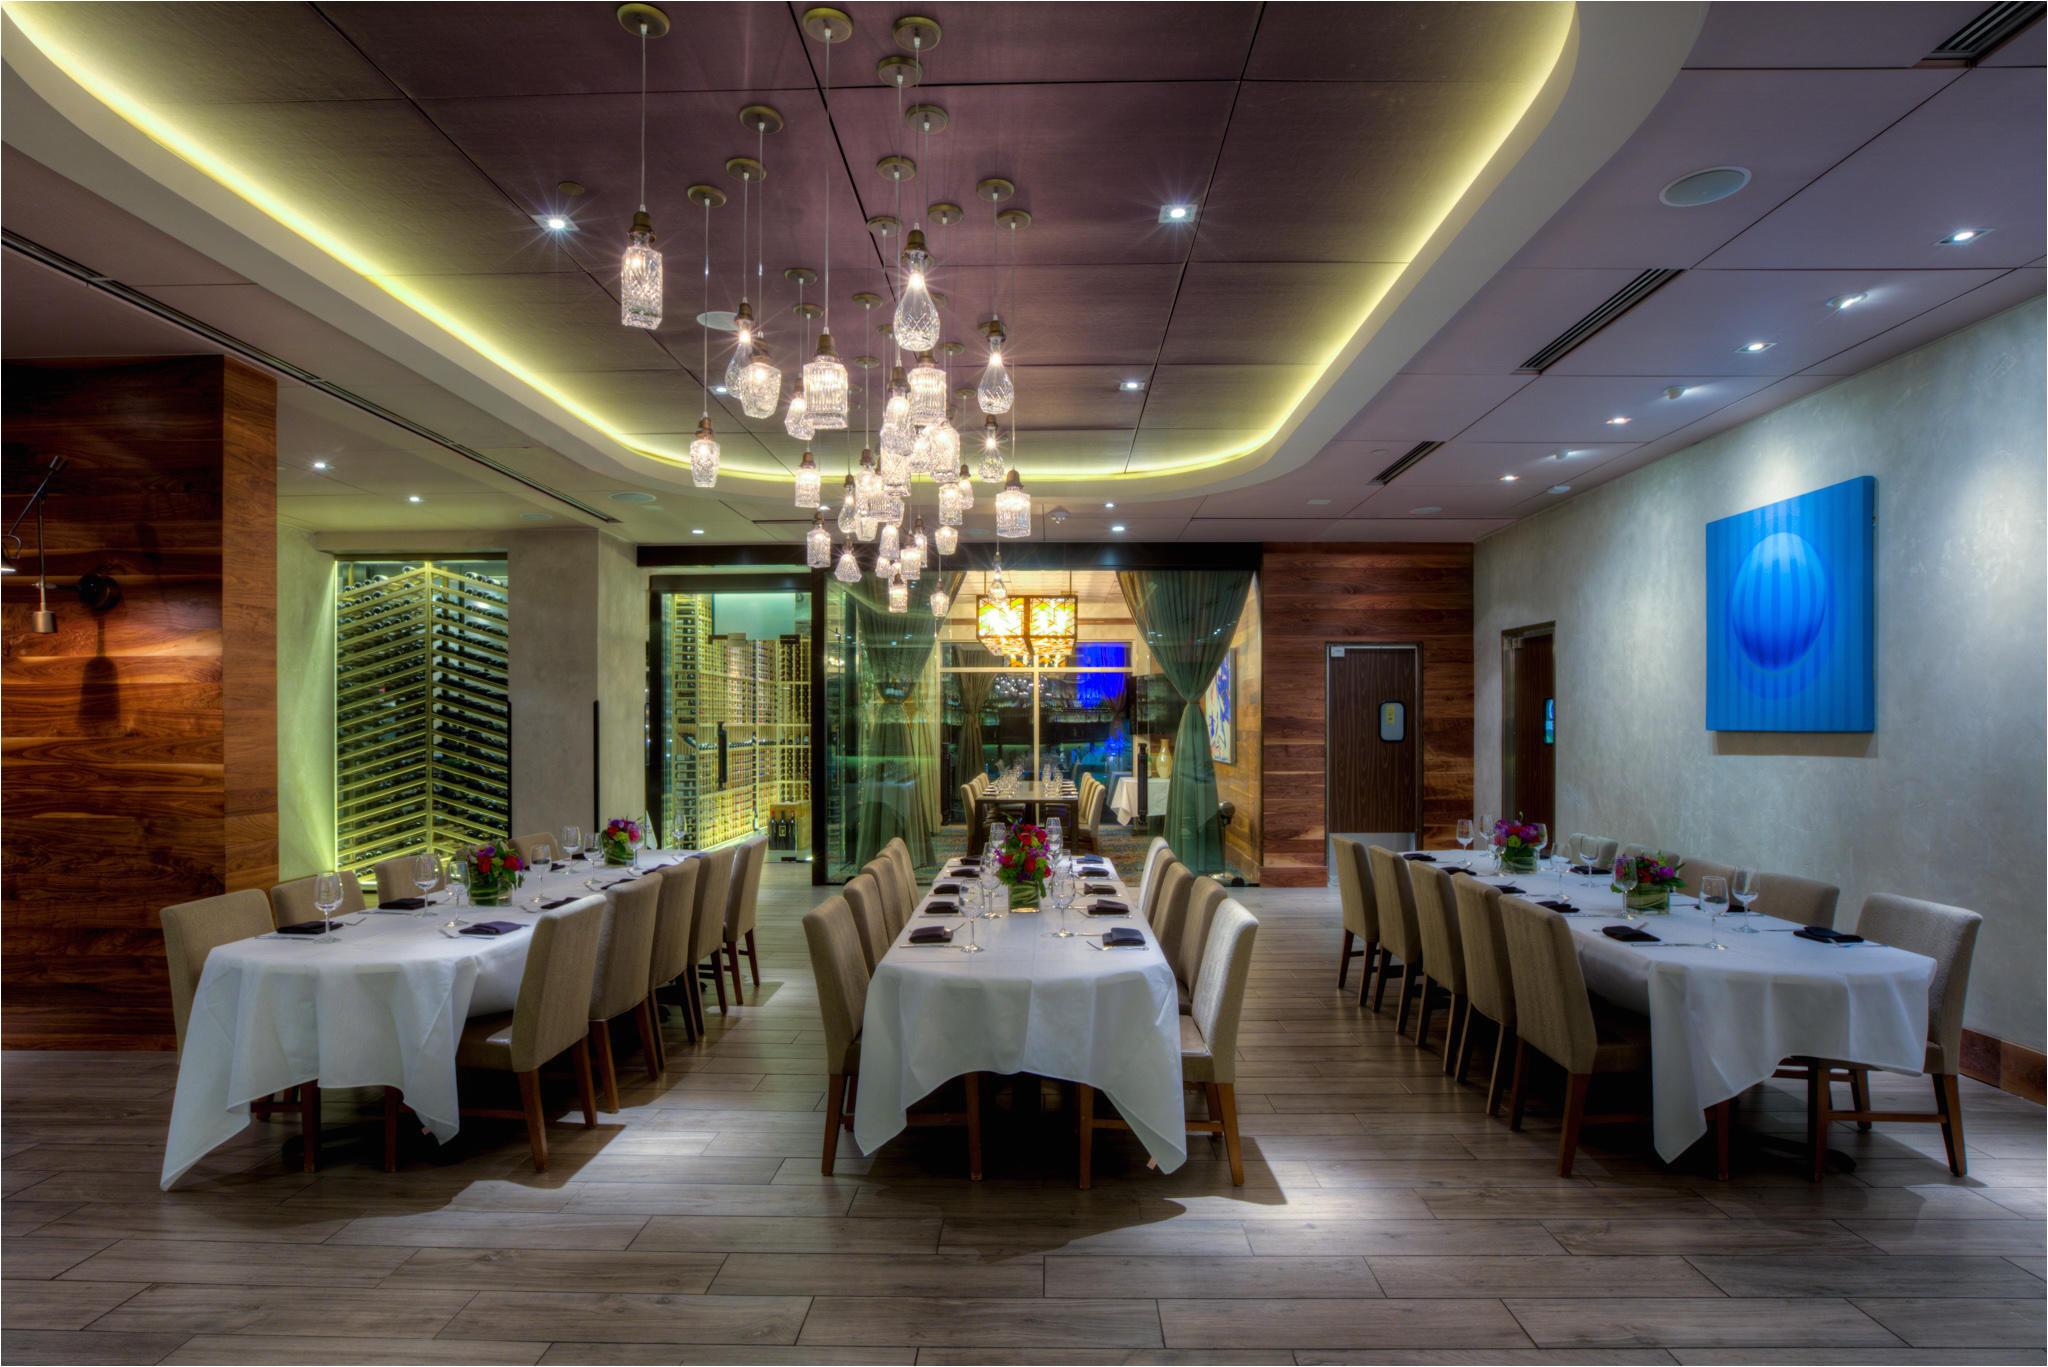 del frisco s double eagle steakhouse orlando veranda room private dining room